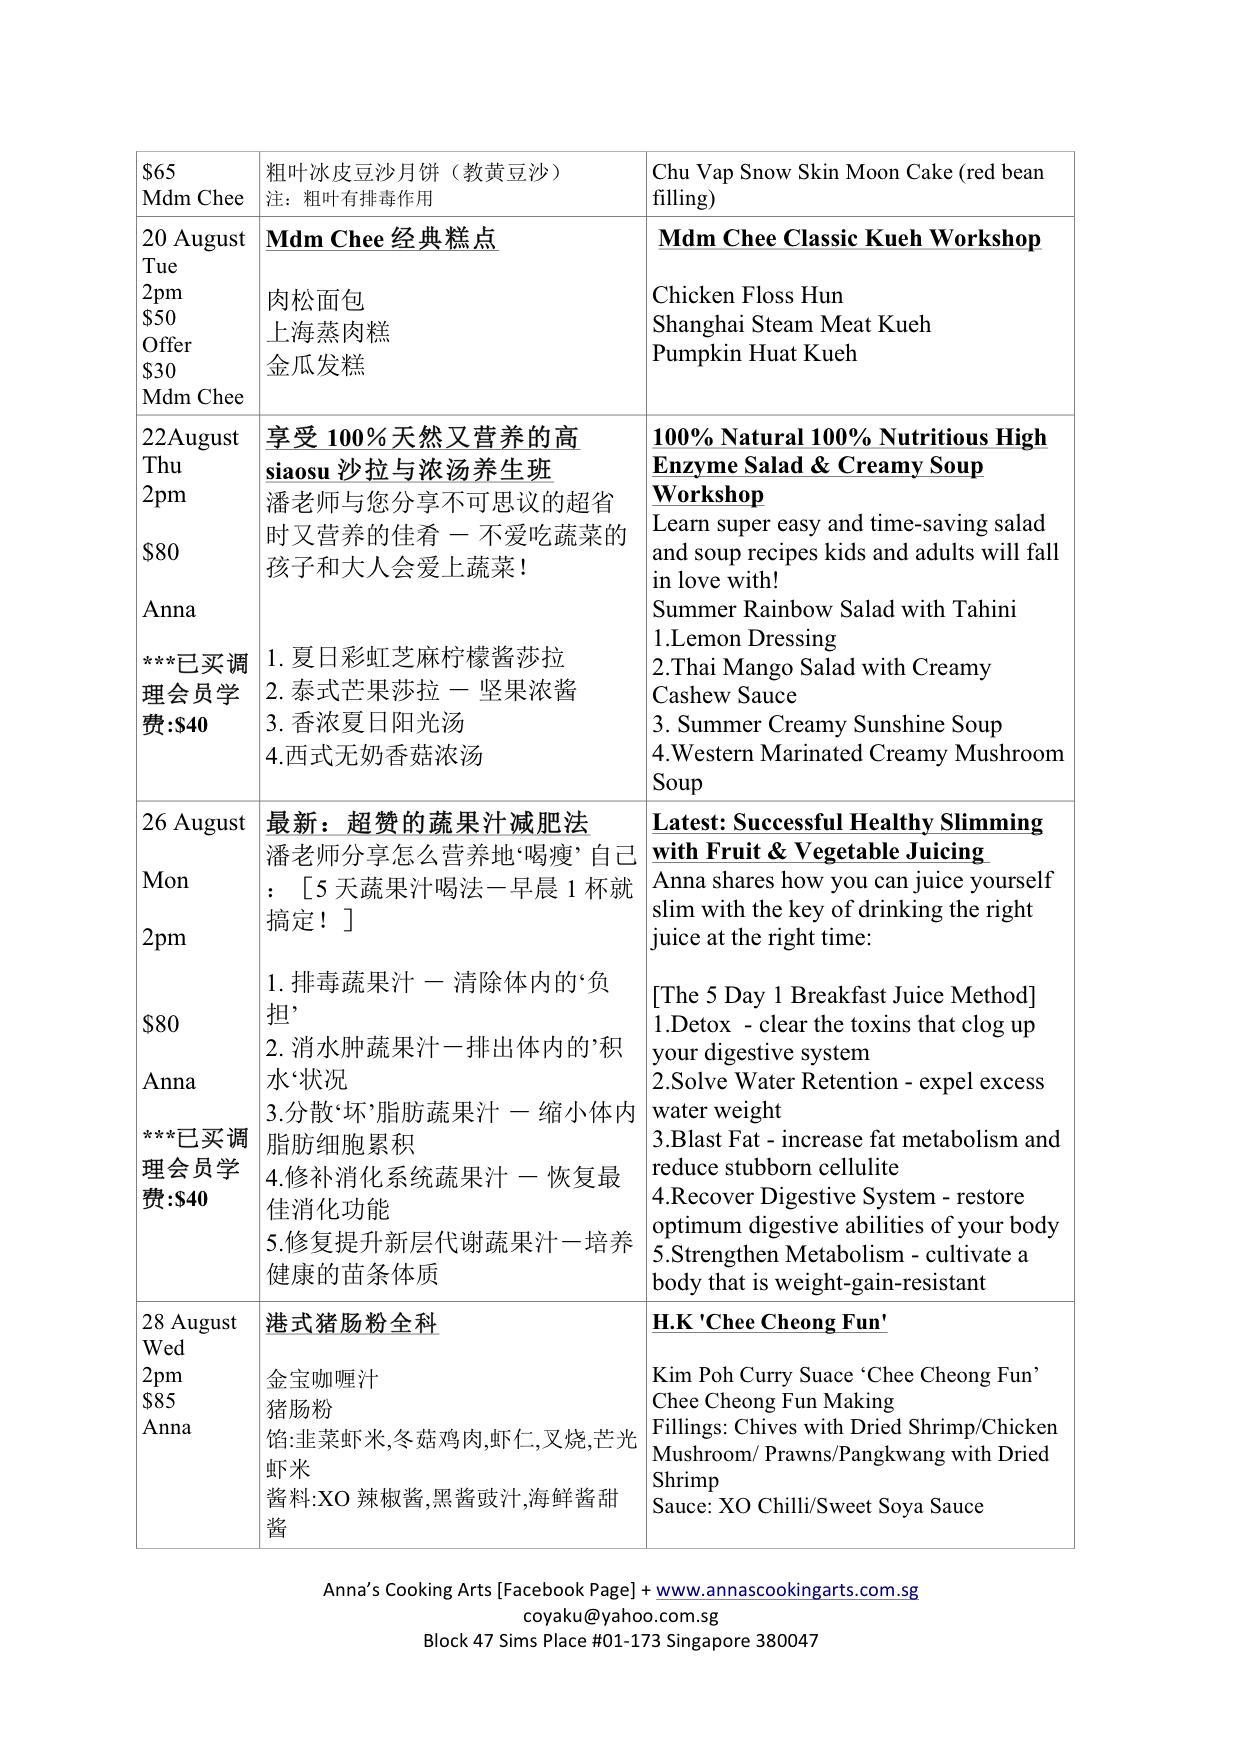 Time Table Agust-2013 2